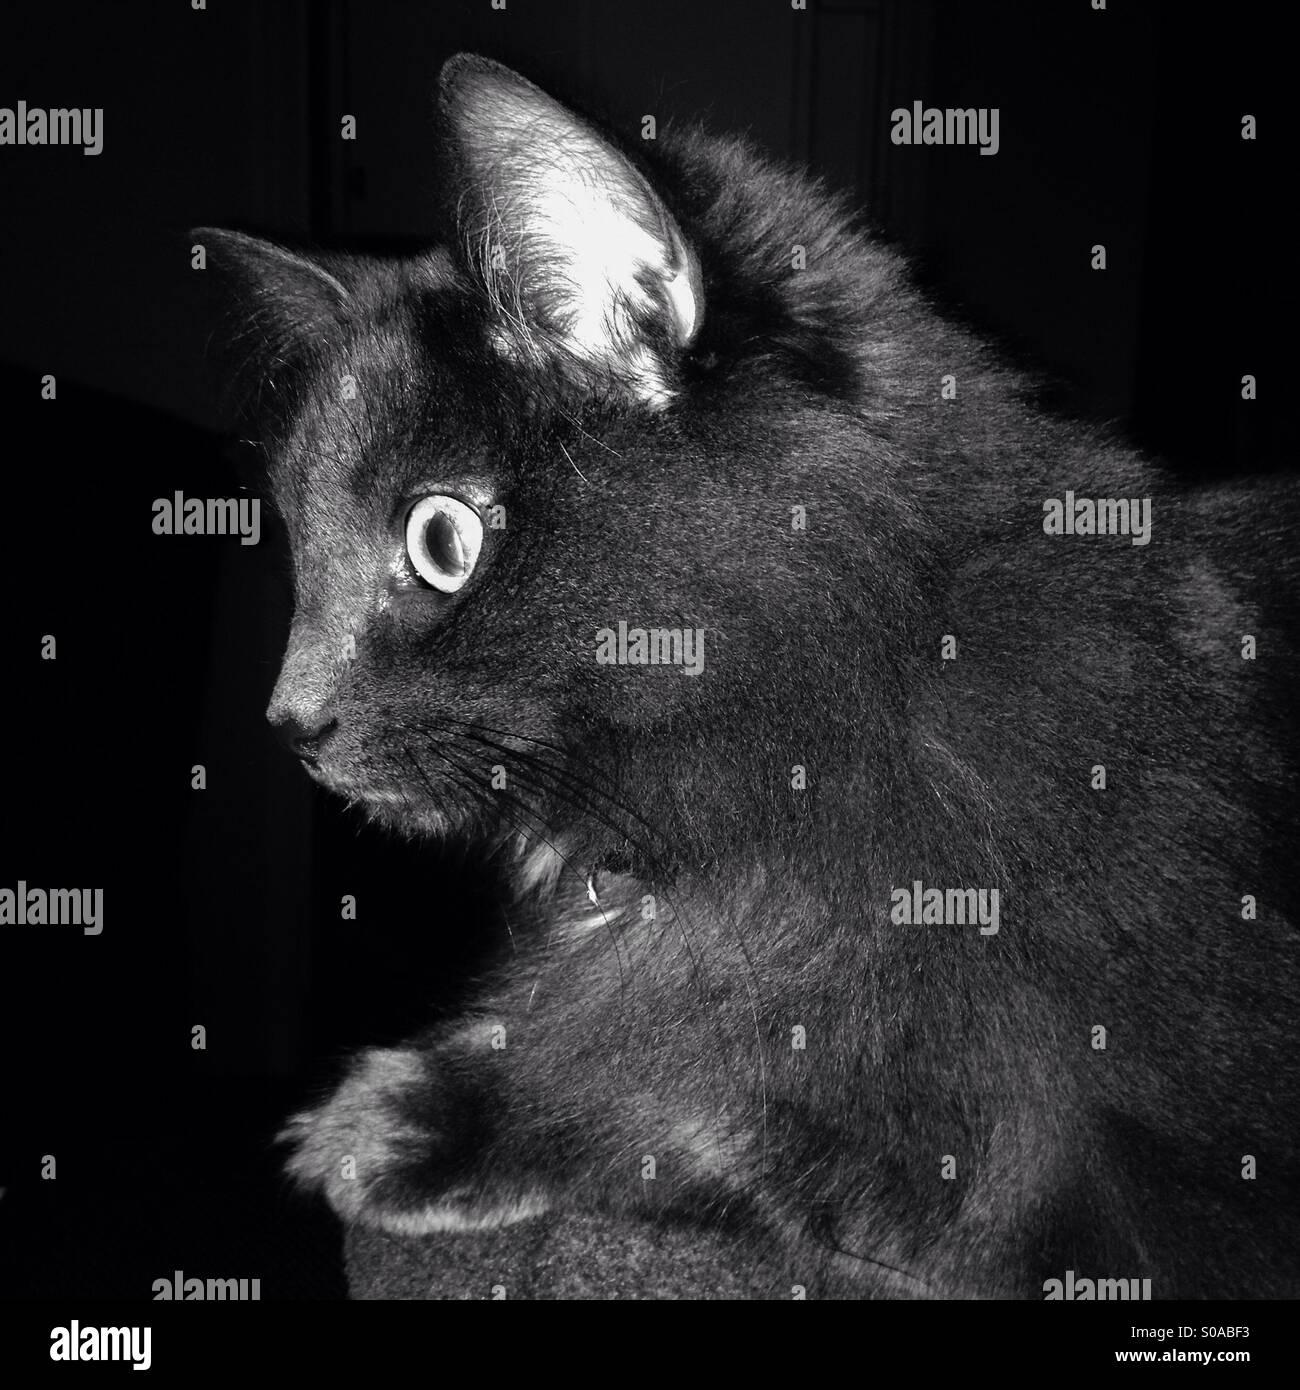 Gris de pelo largo gato doméstico. Imagen De Stock